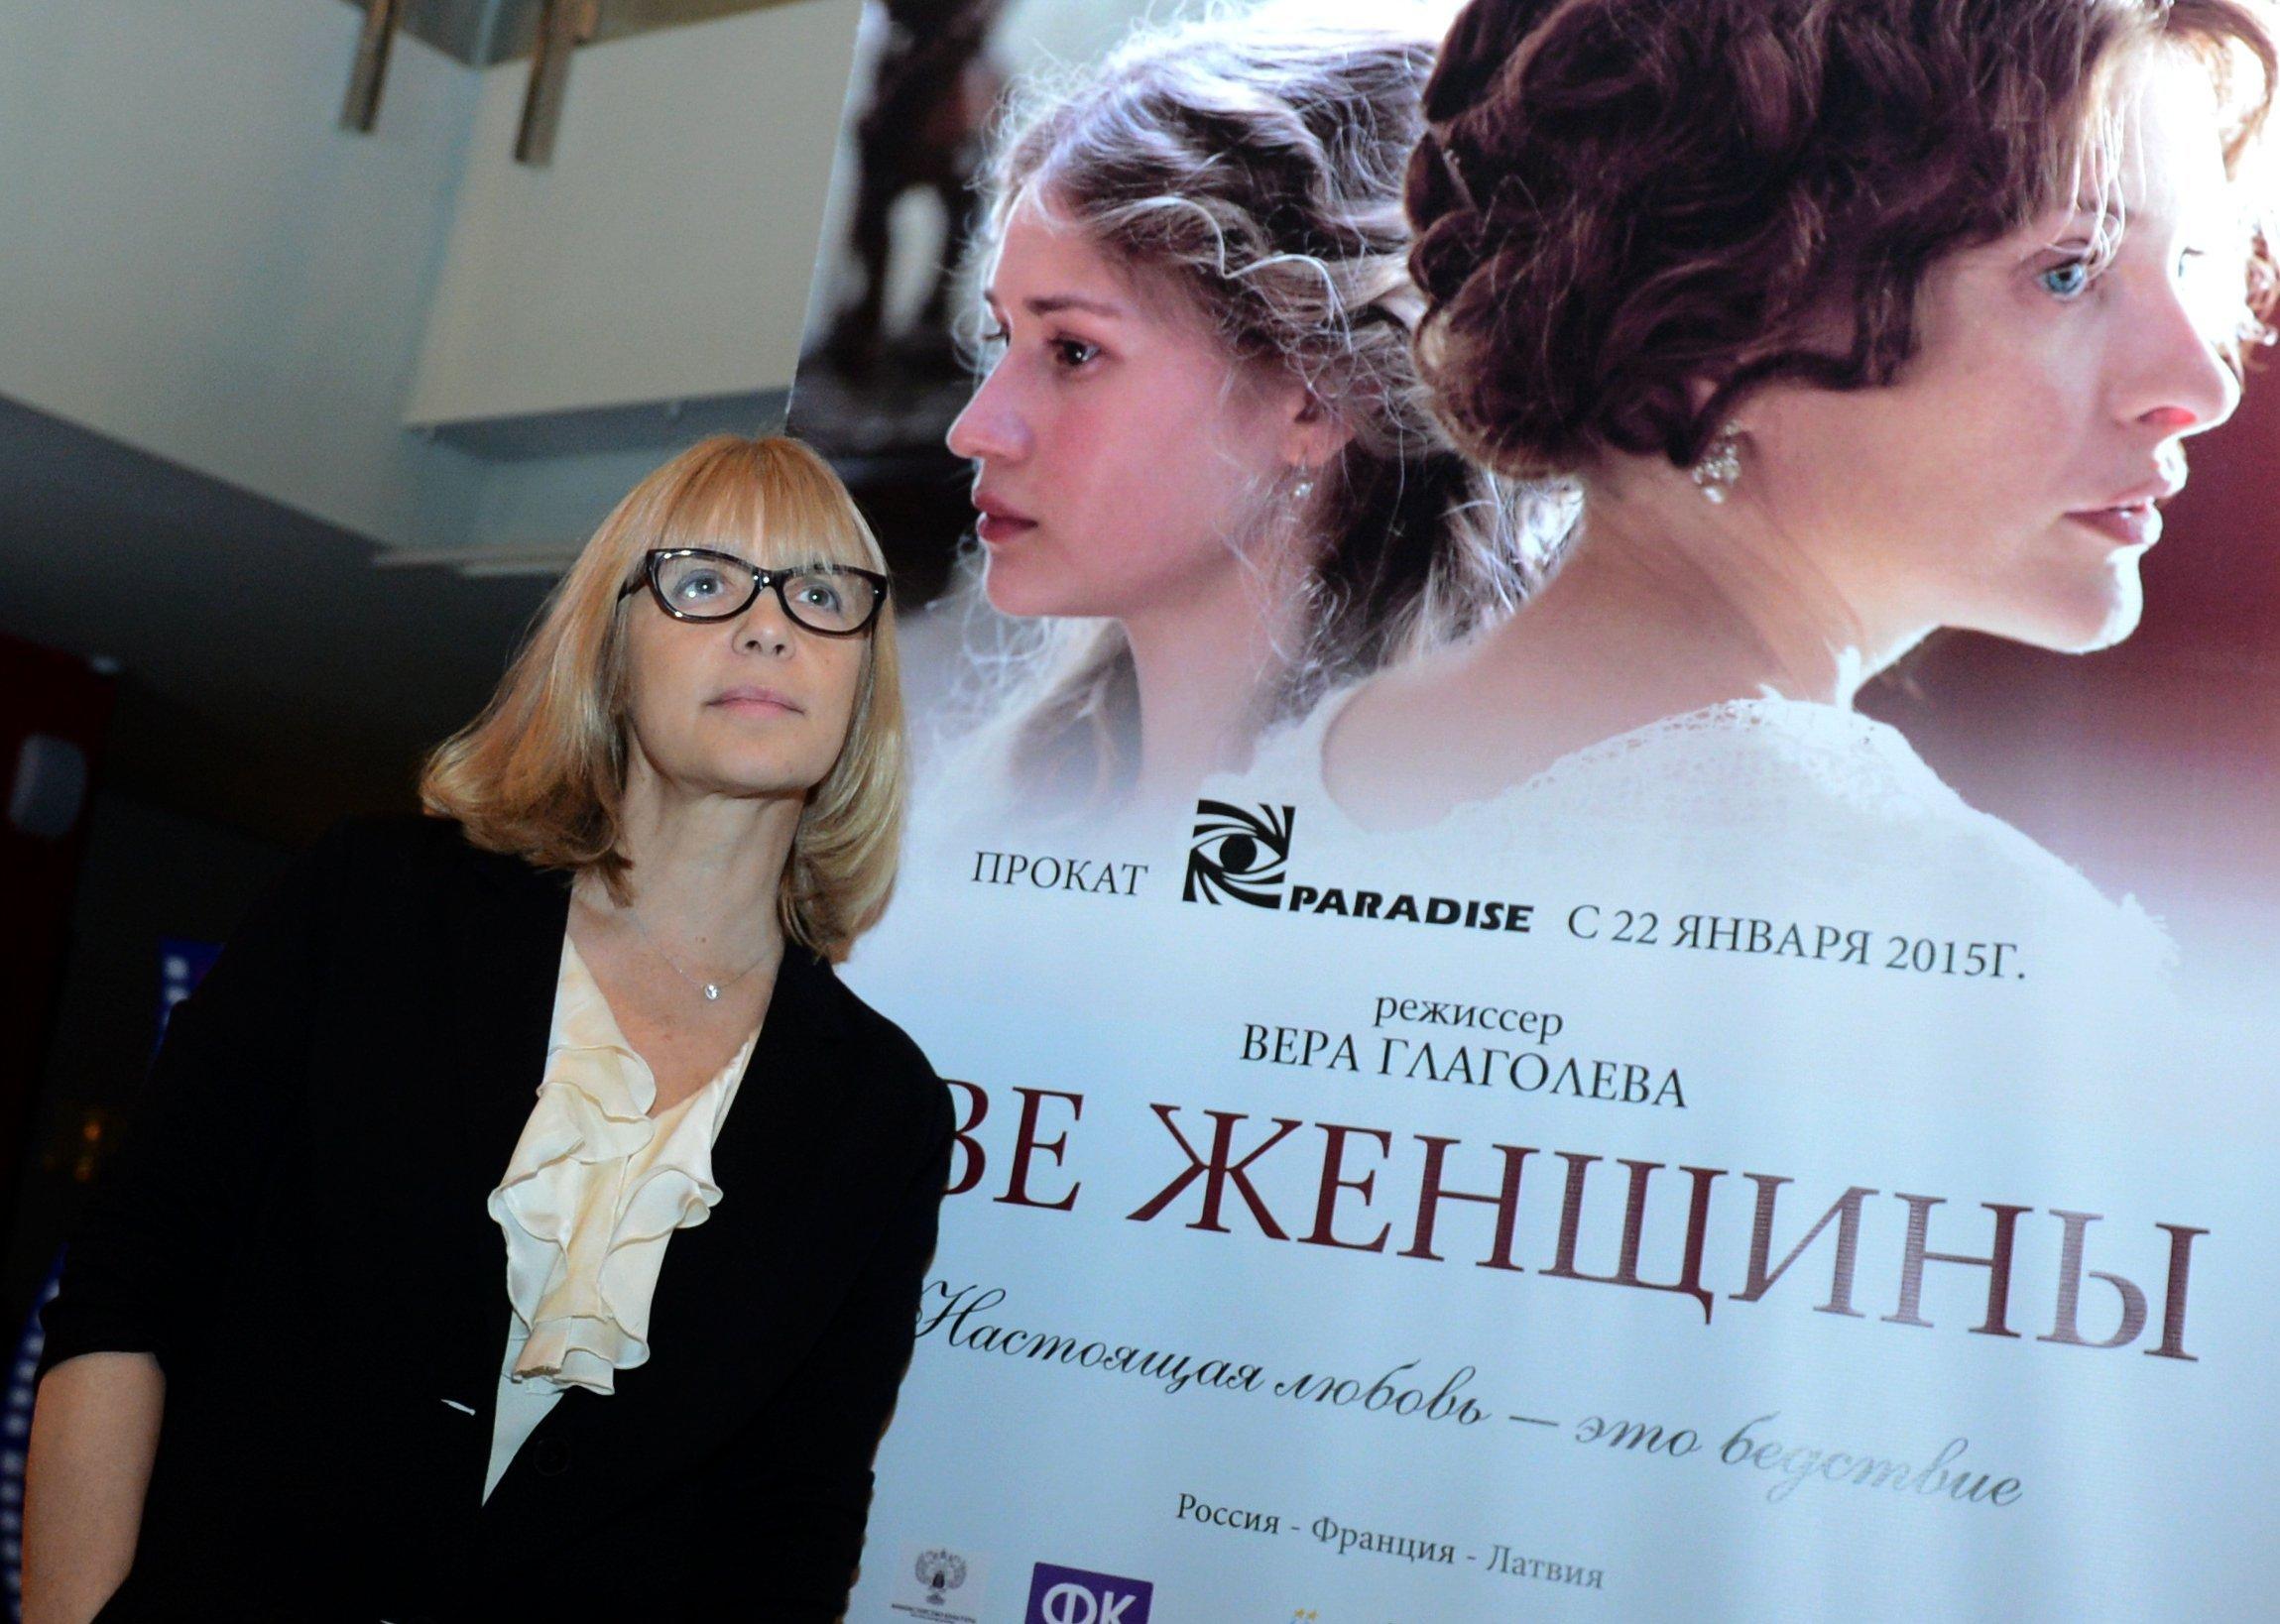 Актриса и режиссер Вера Глаголева перед премьерой своего фильма Две женщины